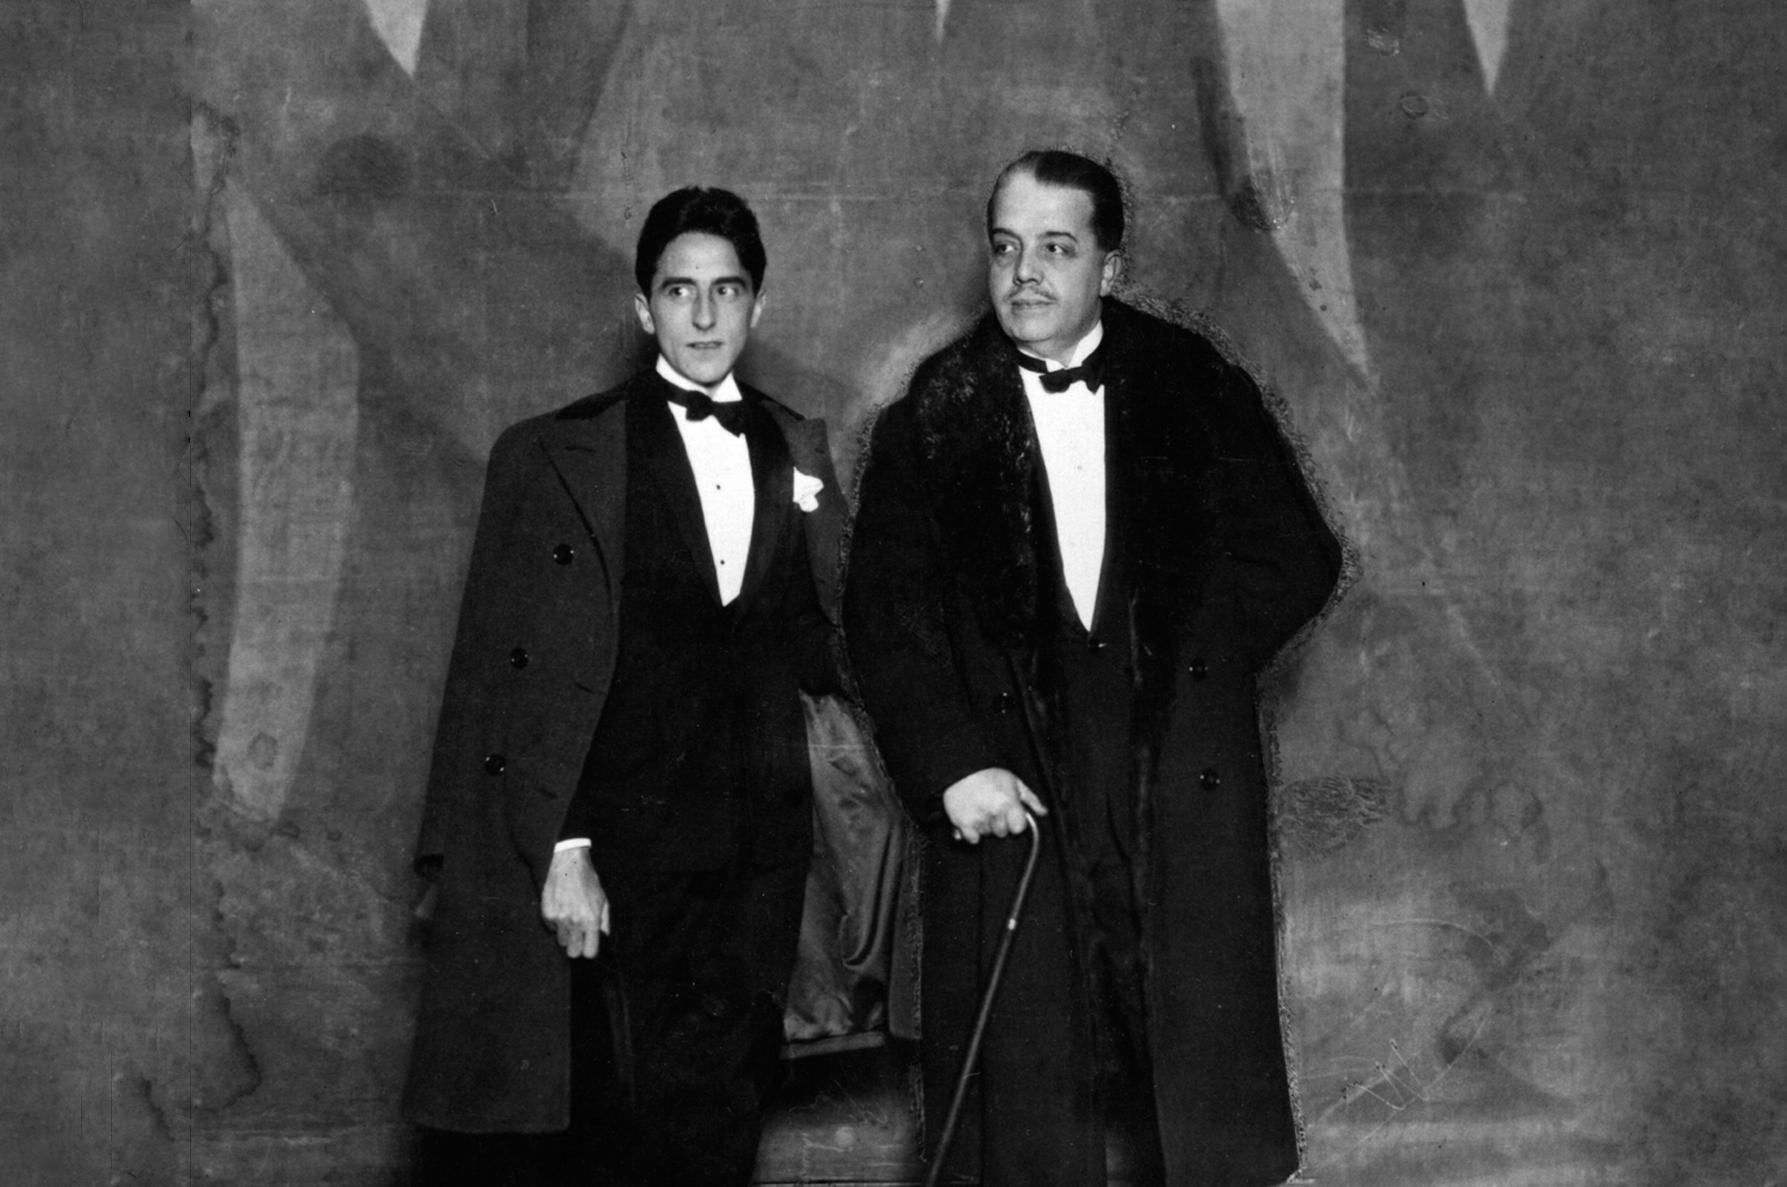 Кокто и Дягилев в Париже на премьере «Голубого экспресса», 20 июня 1924 года. Кокто сочинил либретто, занавес раскрасил Пикассо, а костюмы сшила Коко Шанель.